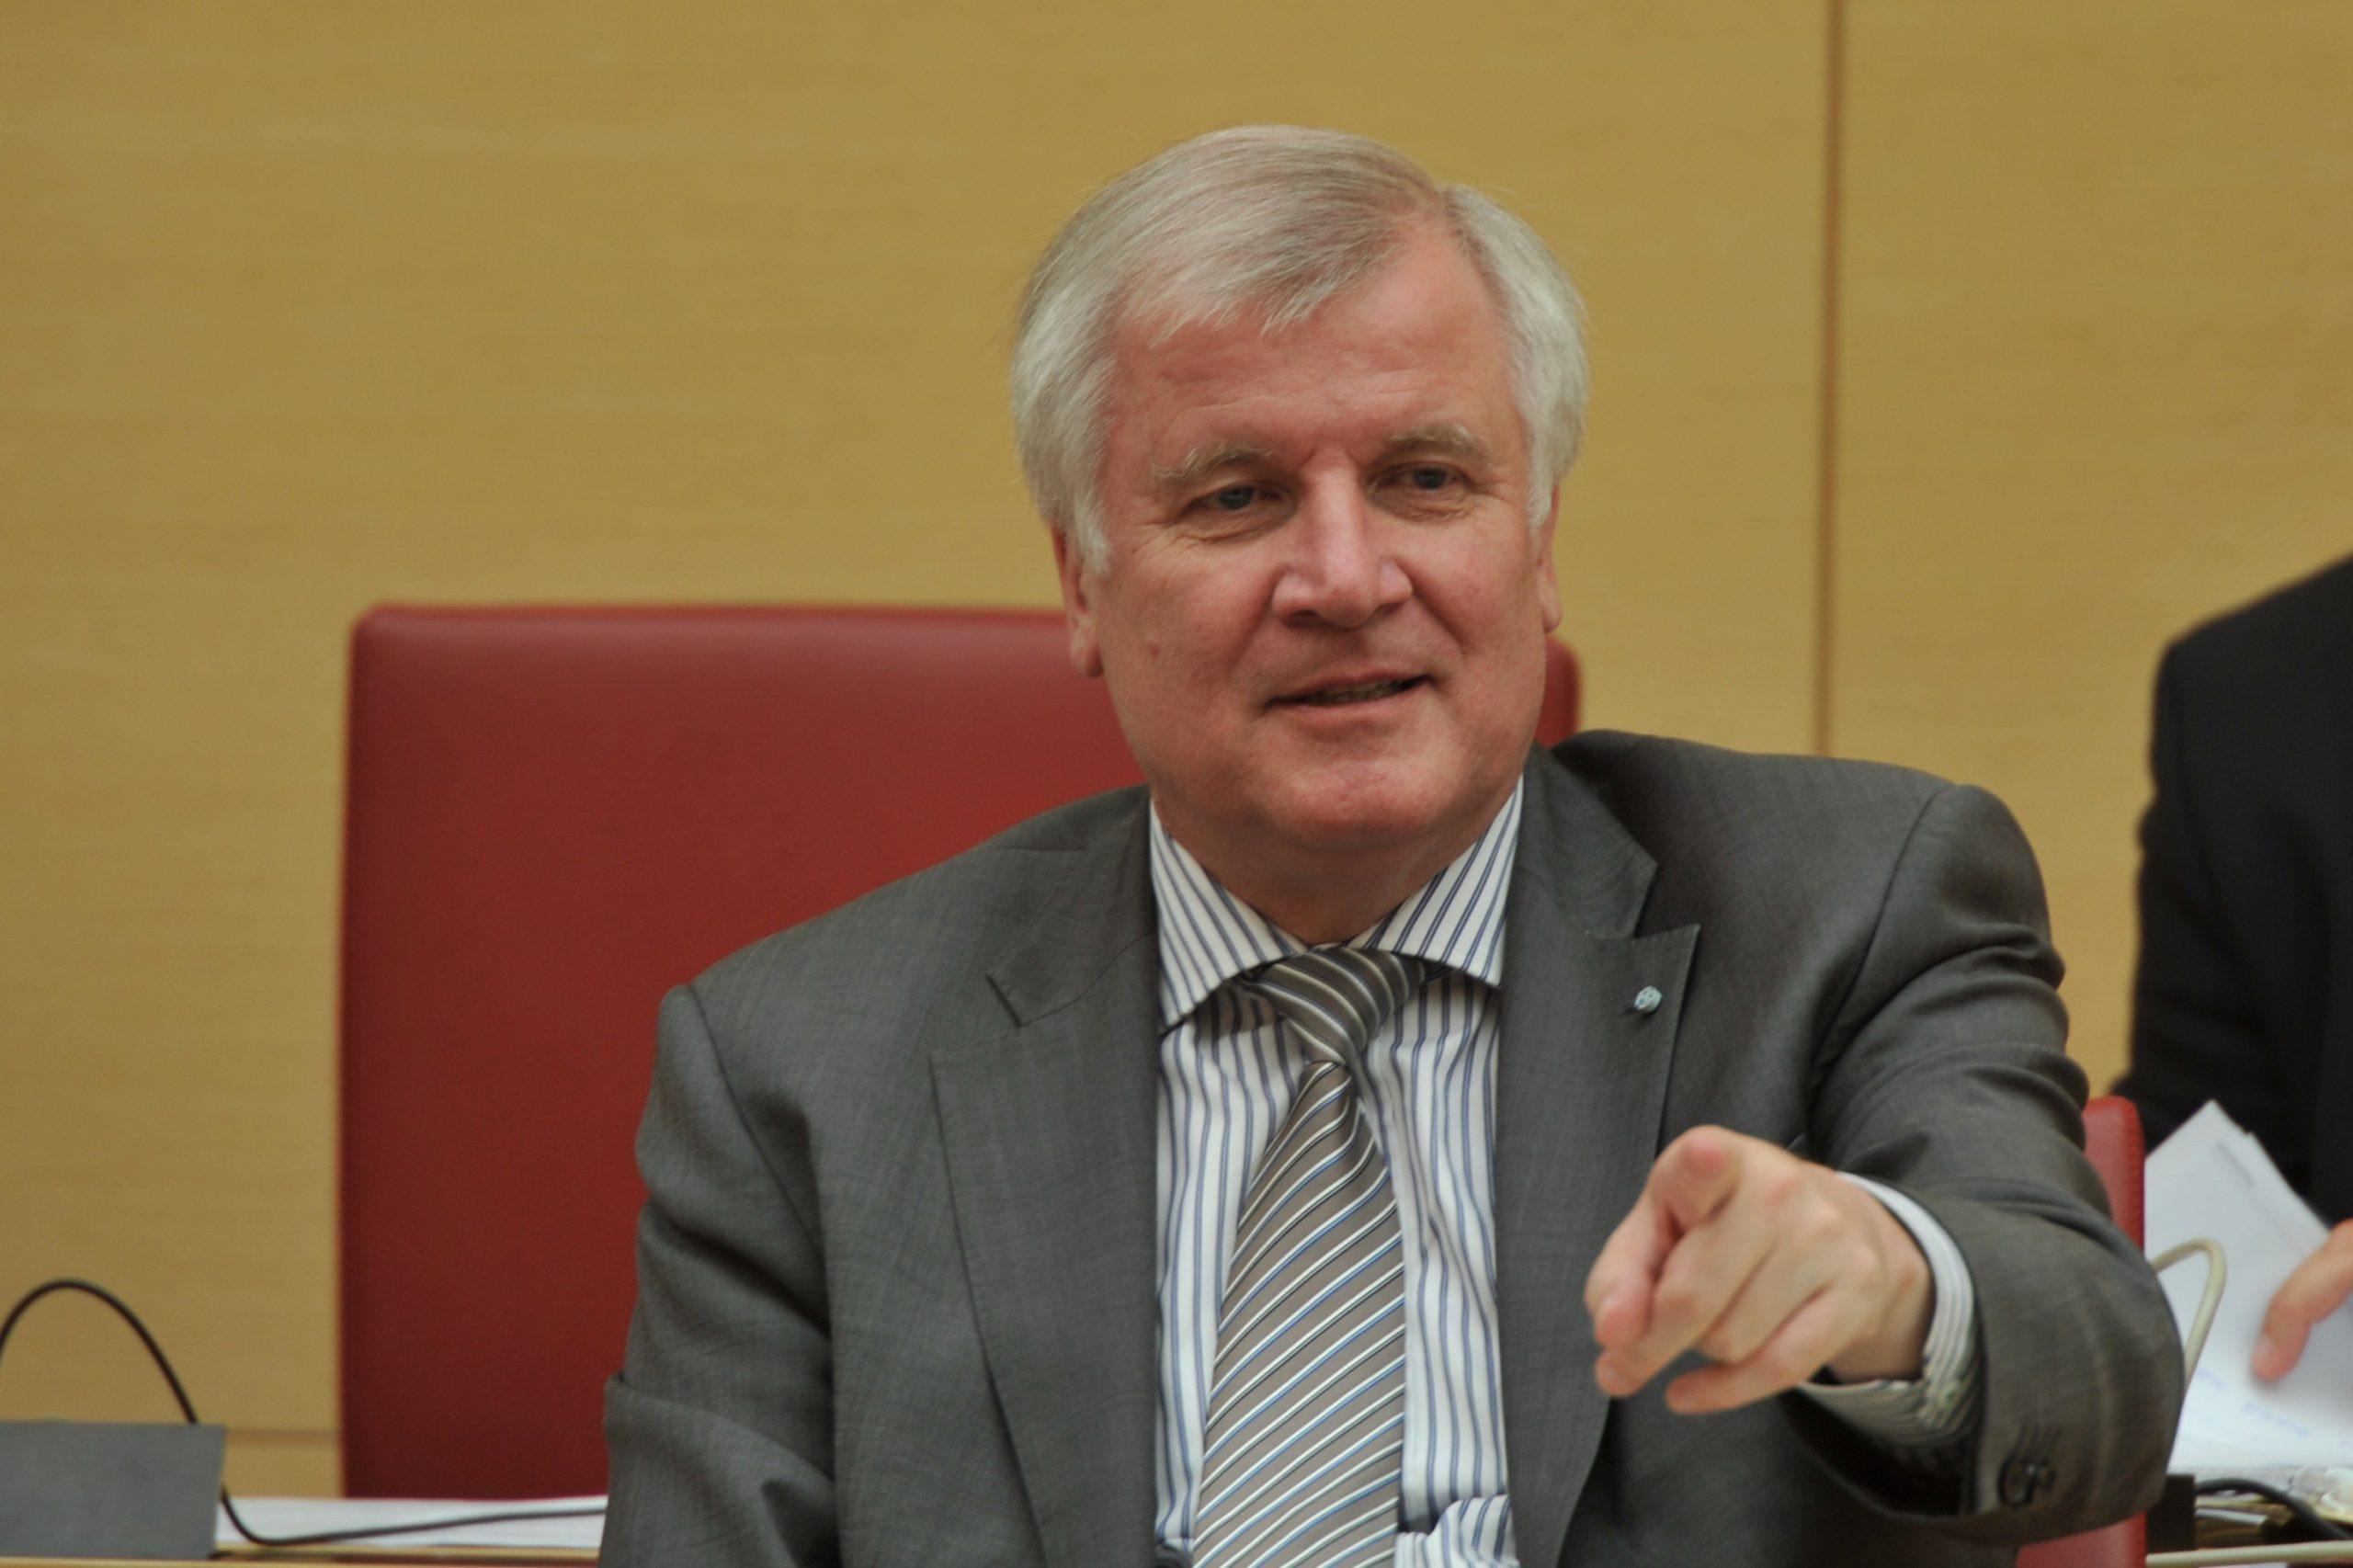 صورة وزير الداخلية الألماني يحيل رئيس المخابرات الداخلية على التقاعد